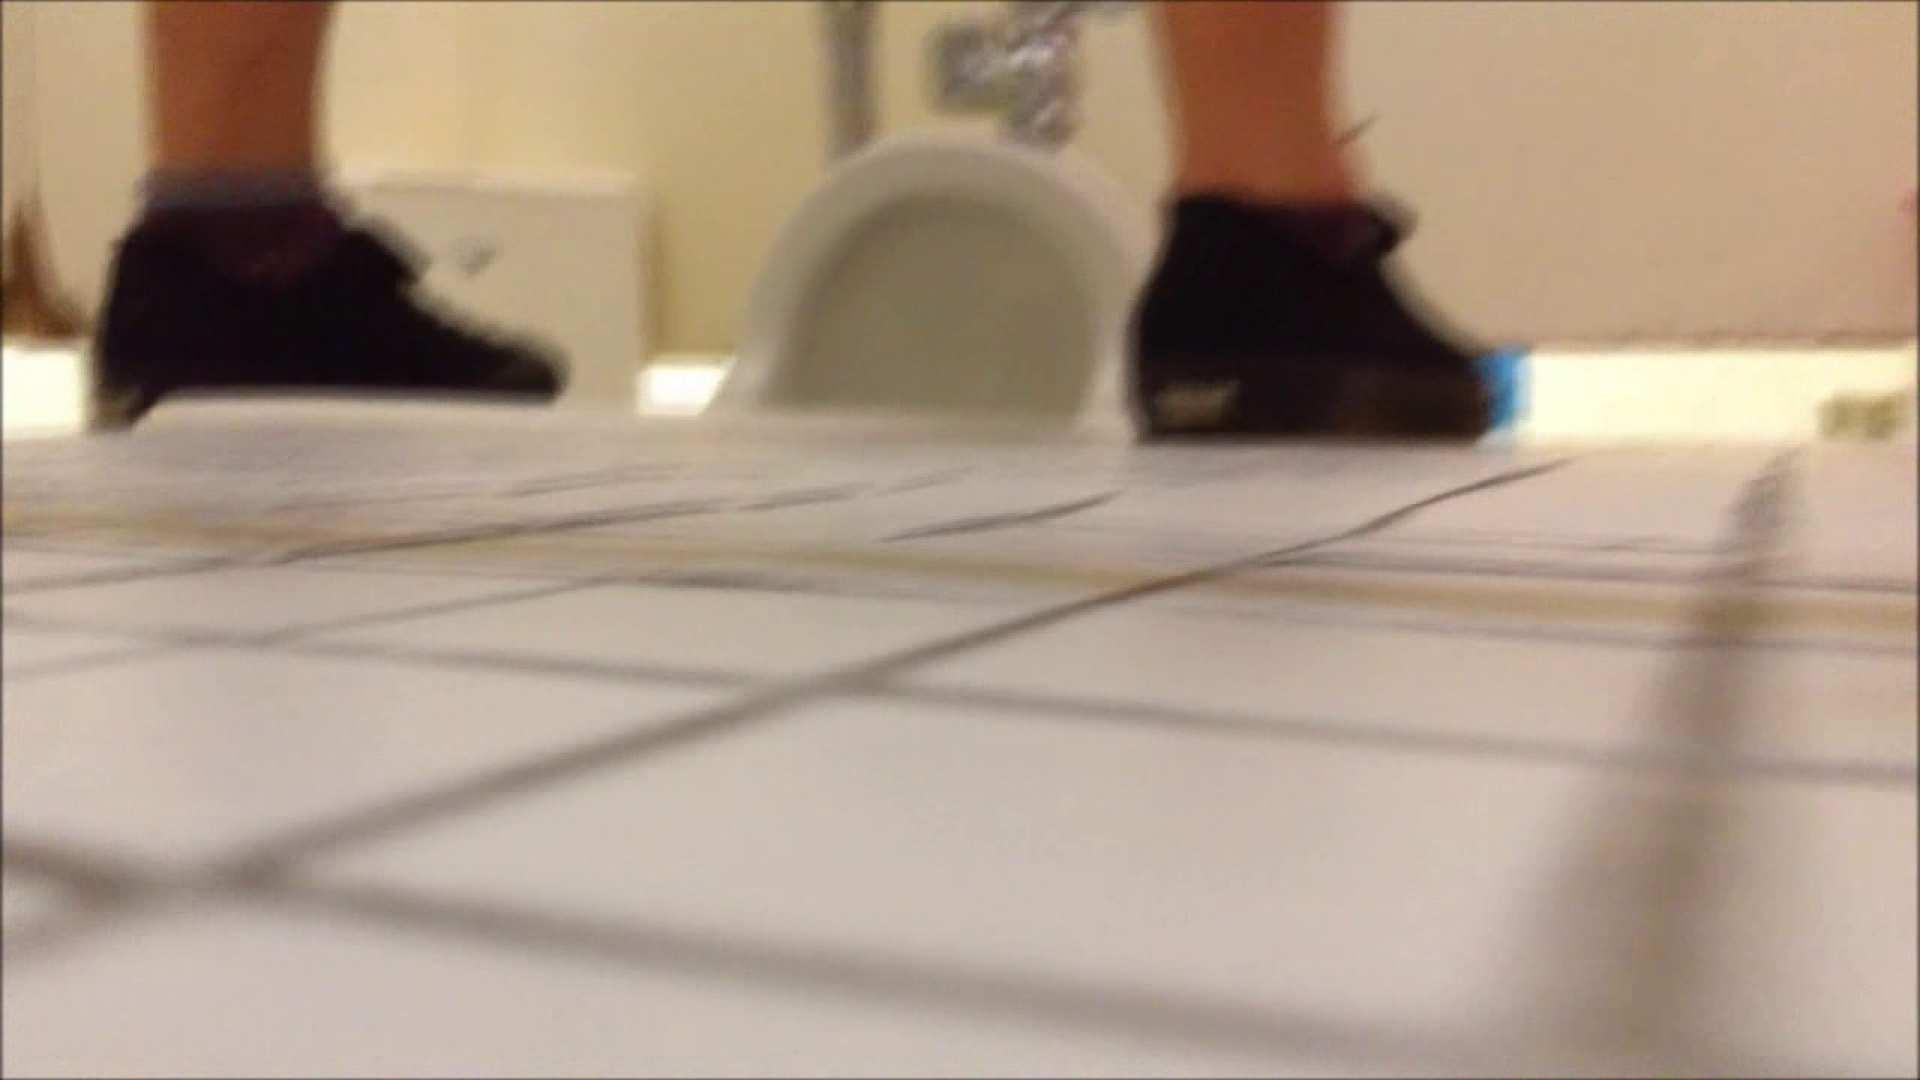 某有名大学女性洗面所 vol.01 排泄 AV無料 94画像 35